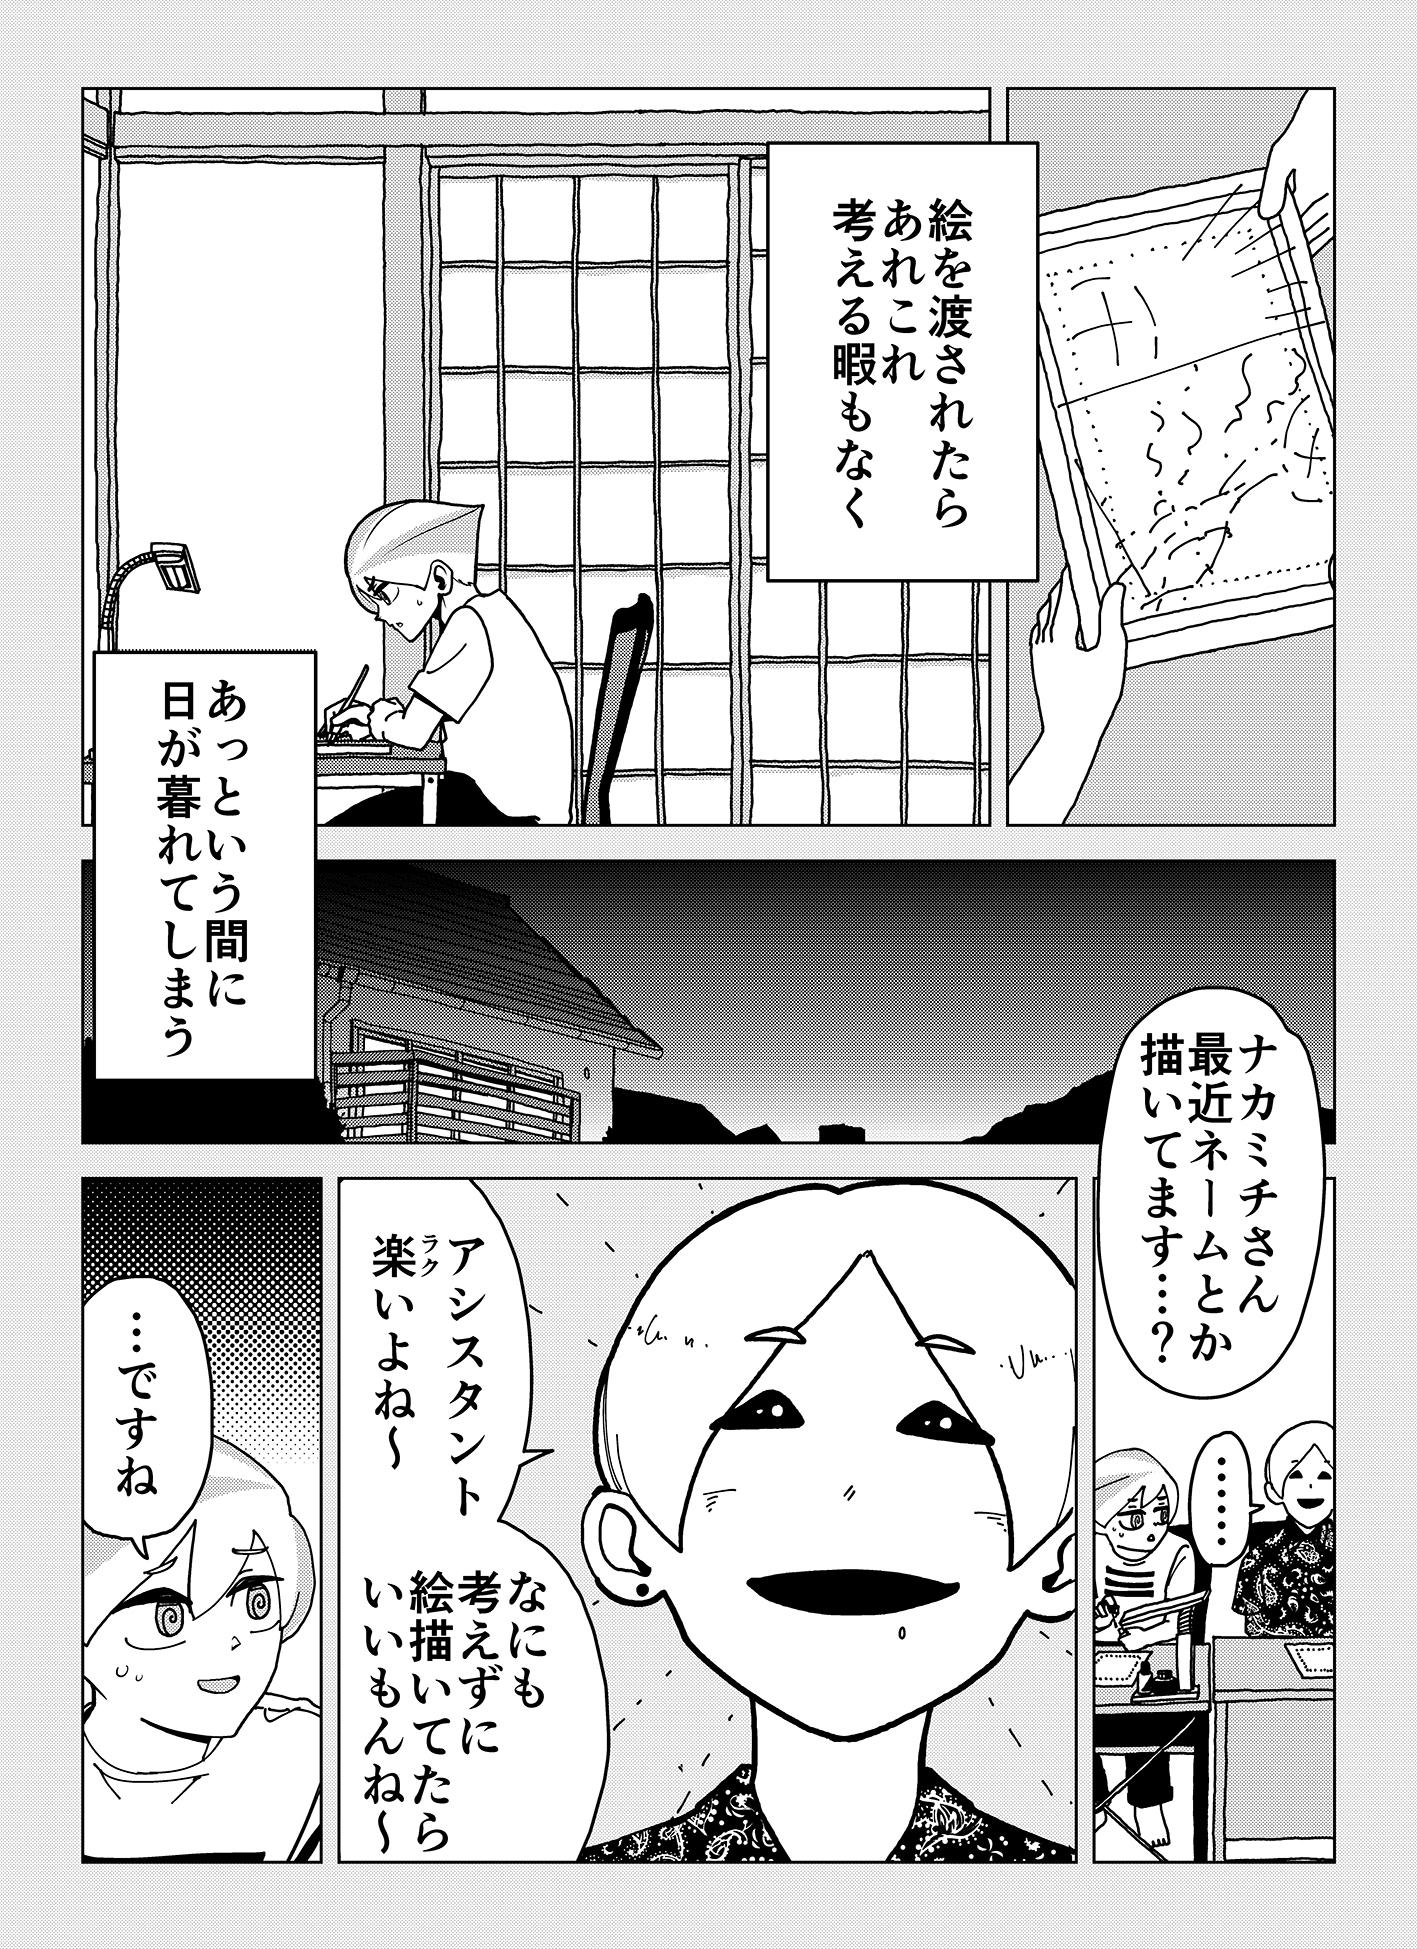 share_11_002